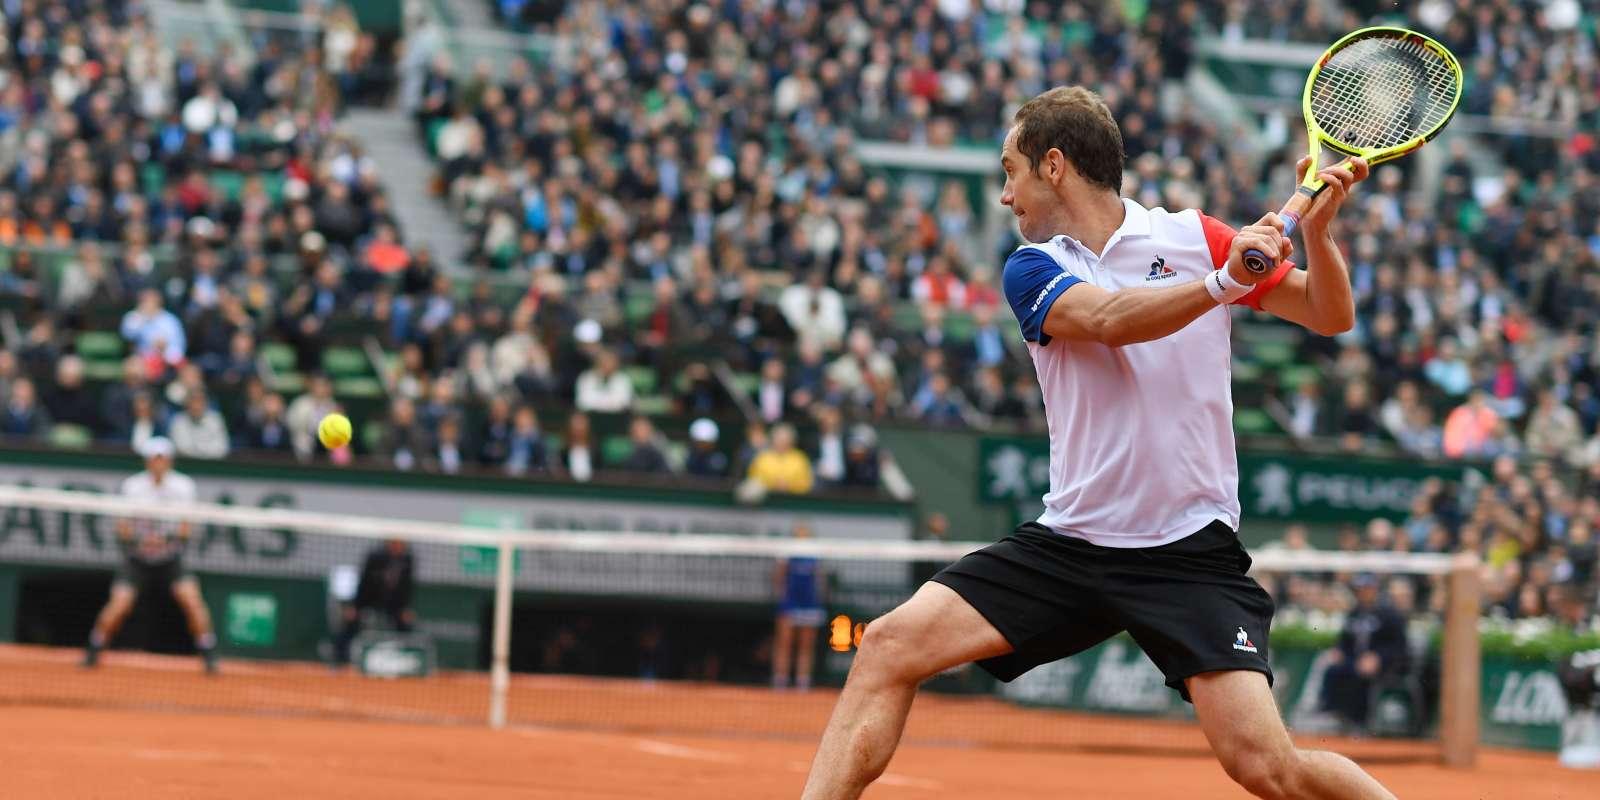 Le Français Richard Gasquet, n°12 mondial, dispute le premier quart de finale de sa carrière à Paris face à l'Ecossais Andy Murray(n°2).